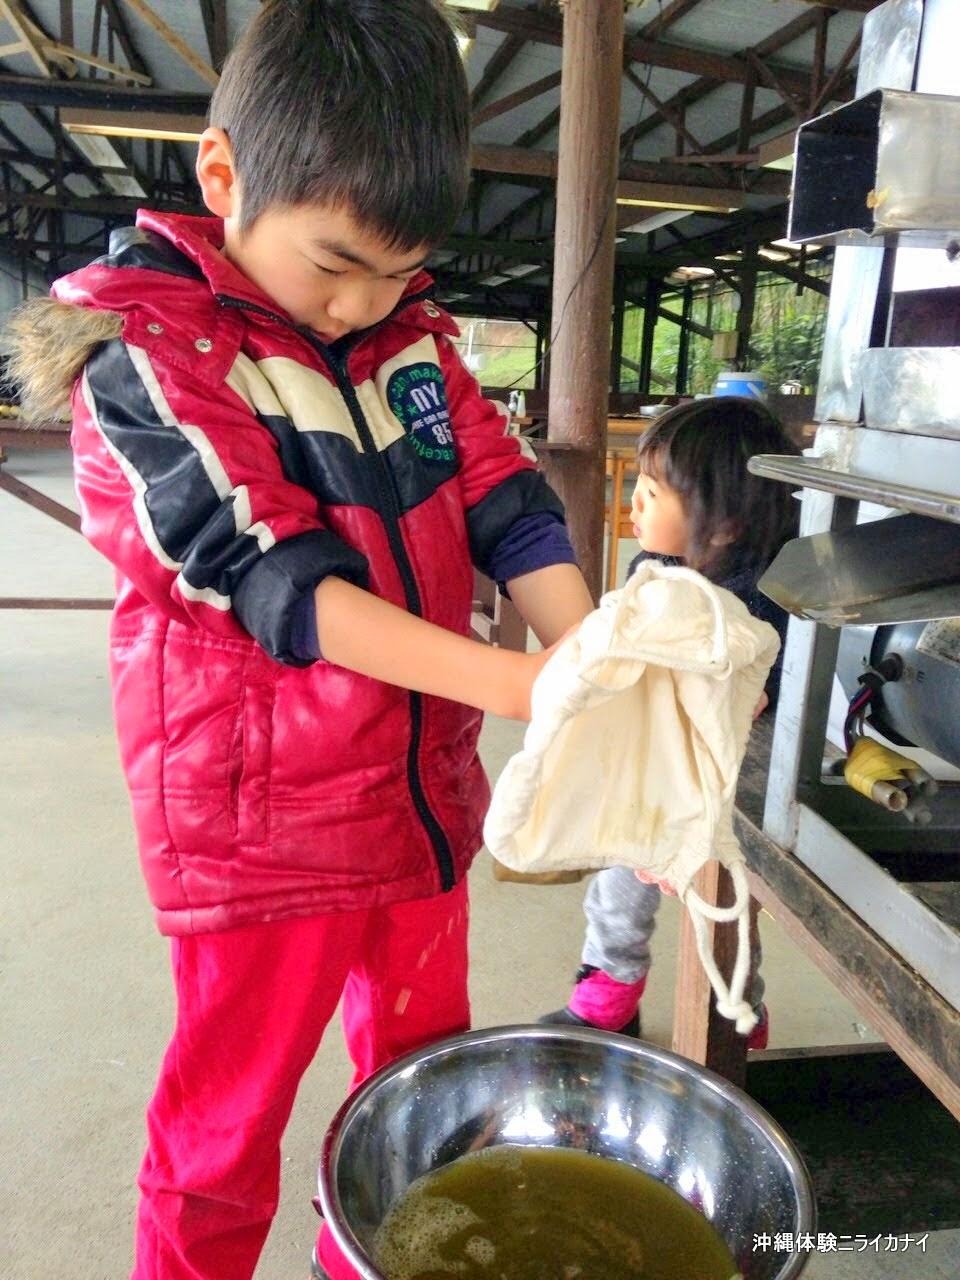 沖縄体験ニライカナイ~恩納村の体験/観光ブログ~サトウキビ刈りと黒糖作り